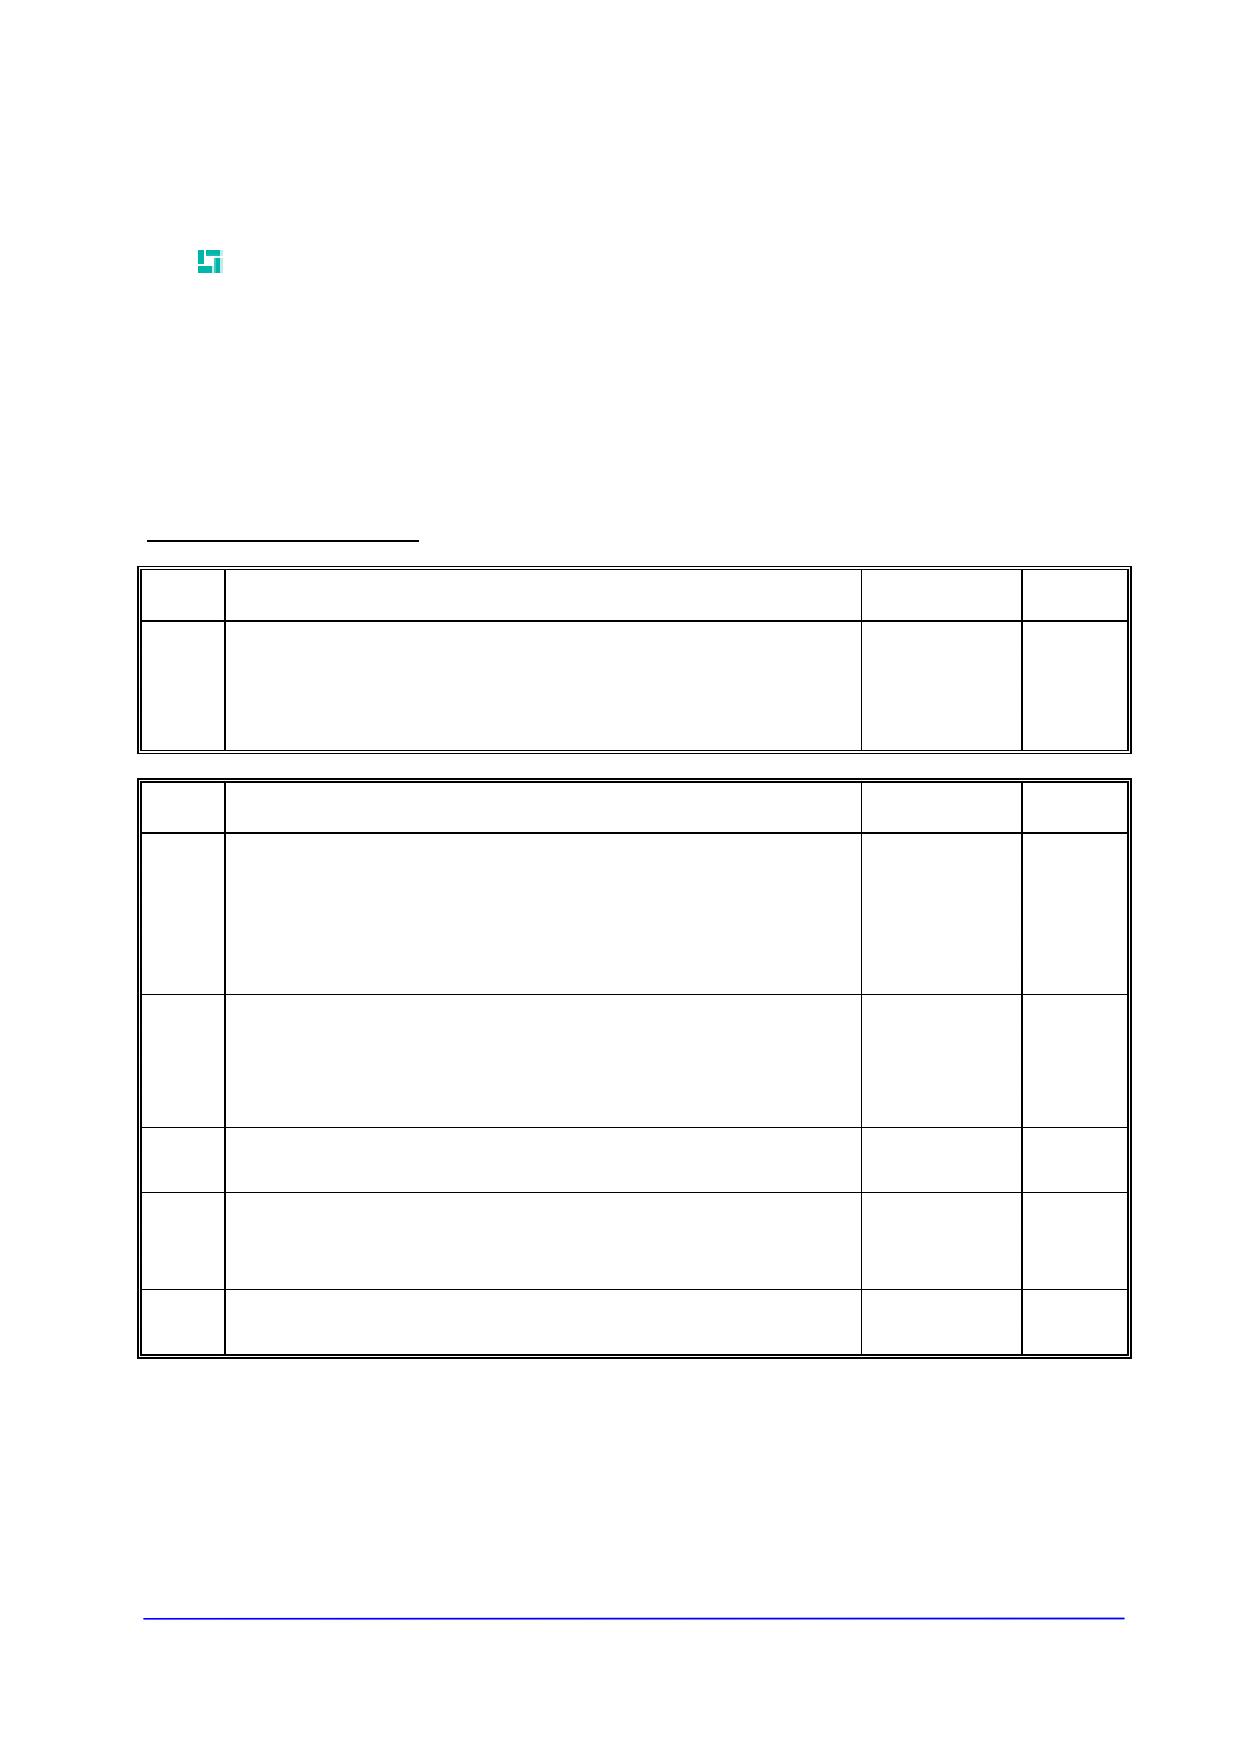 R0487YS12F datasheet